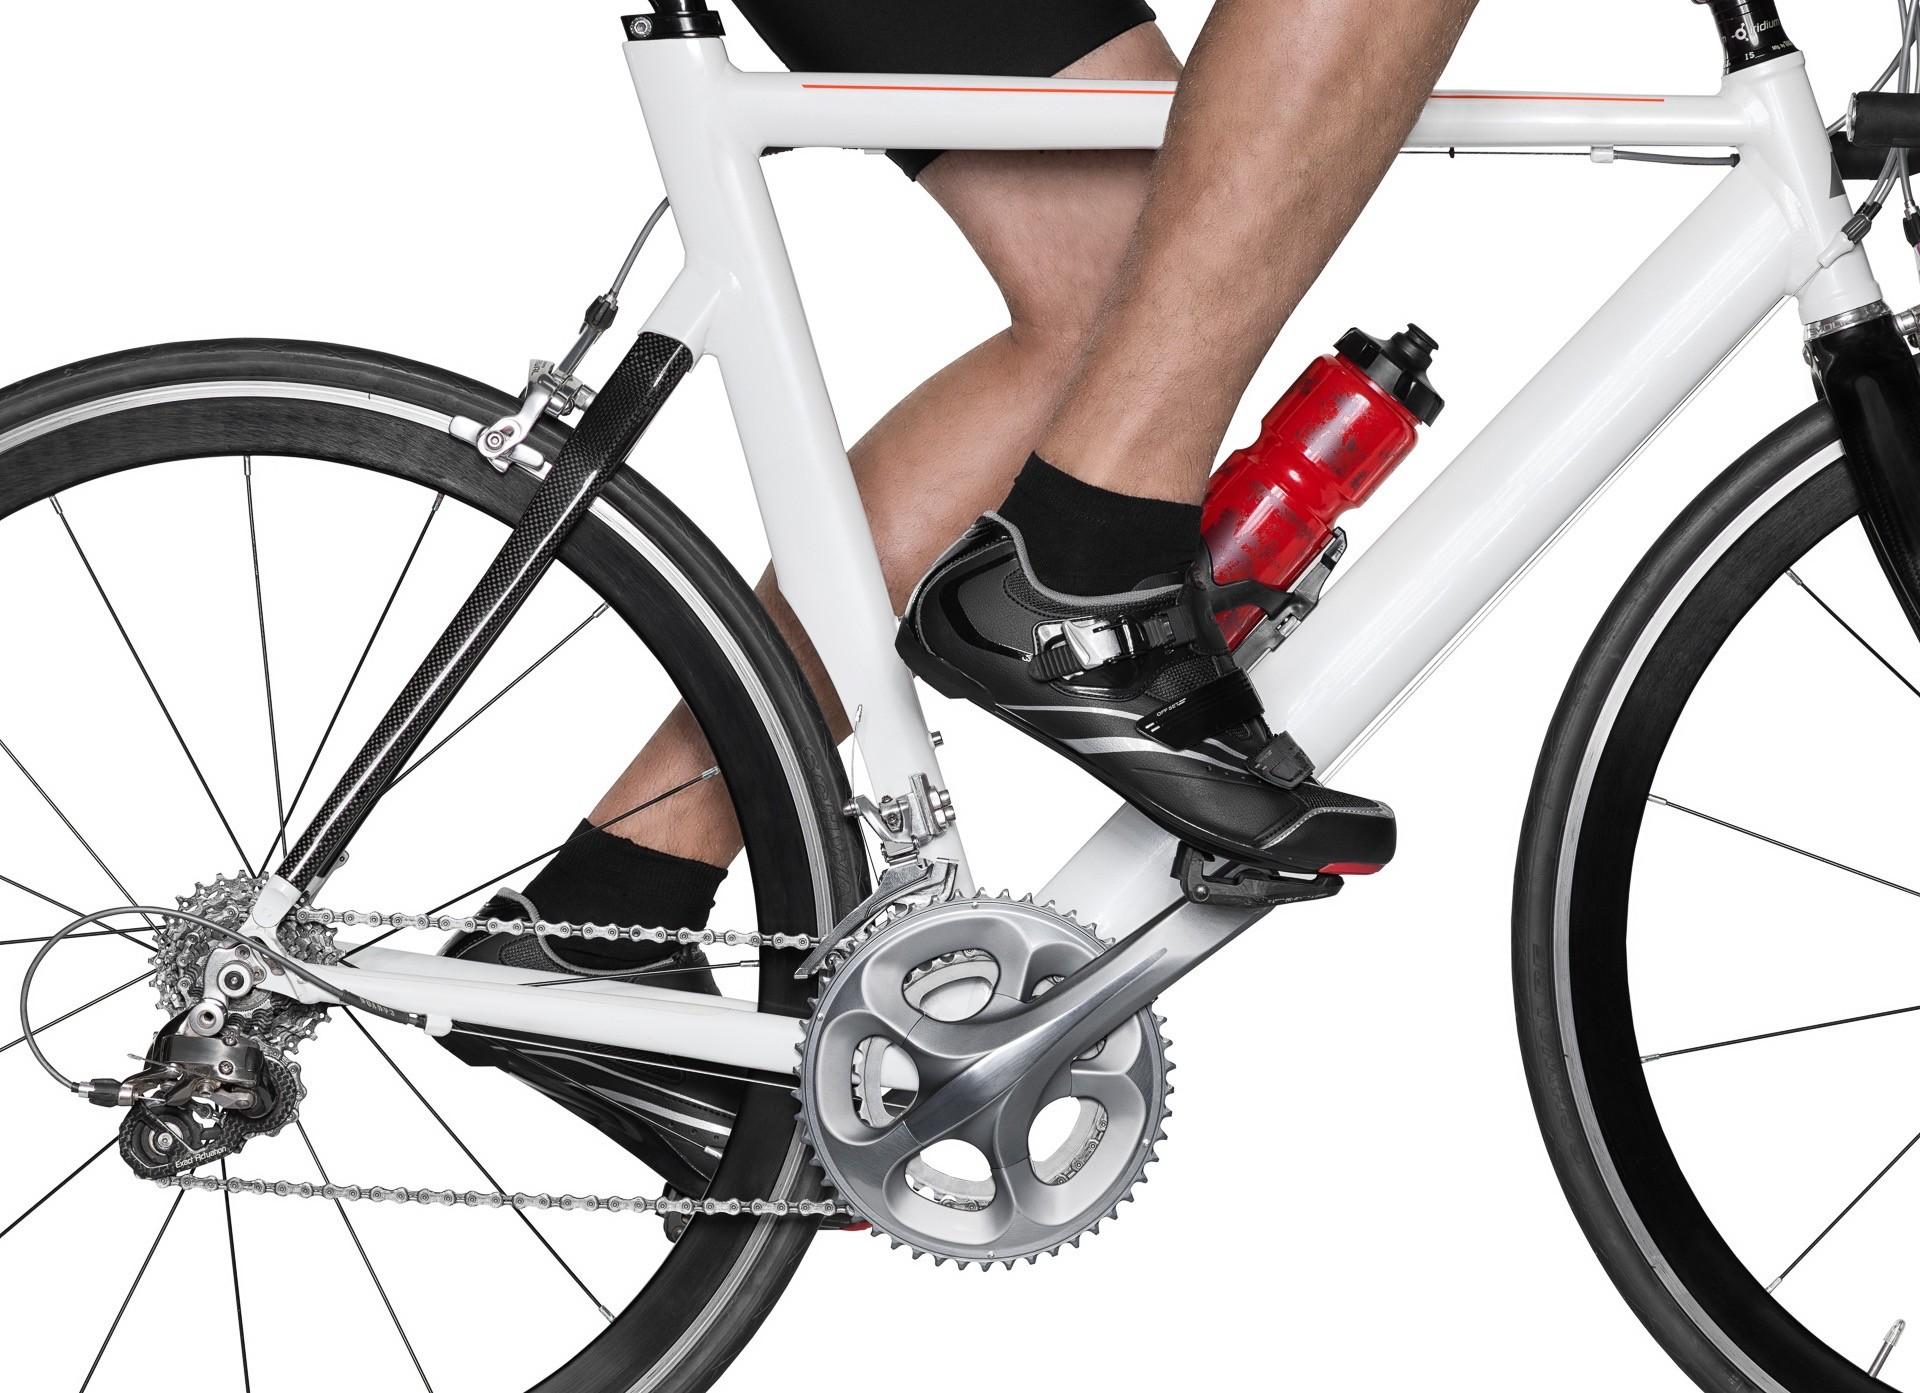 Sport Bodymake up, weisses Rad, Bildausschnitt Beine